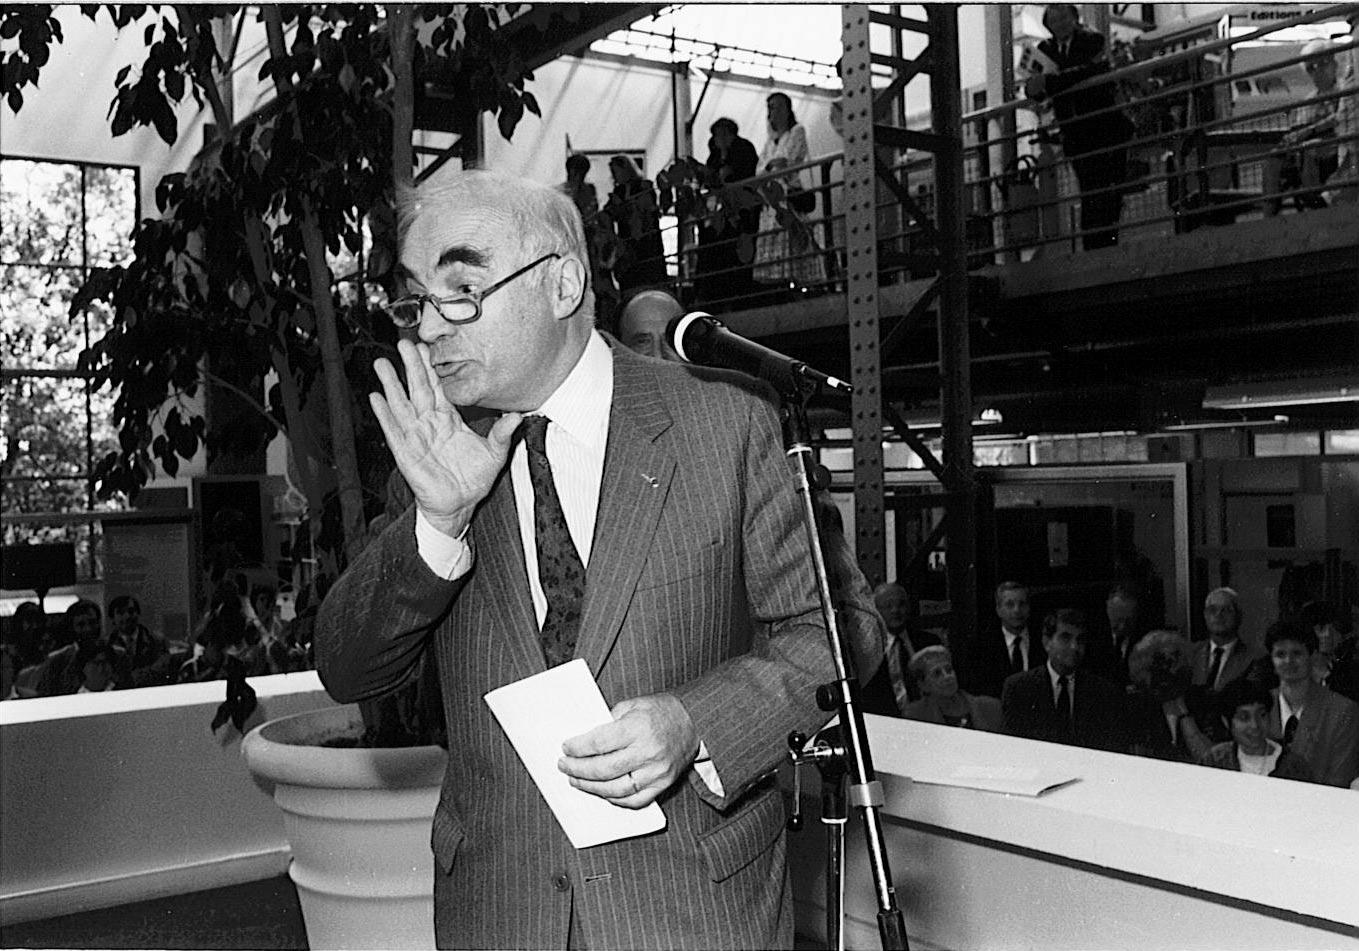 Inauguration du GUC (Groupement des unités de communication) à Meudon, 3 juillet 1990. Avec le directeur général François Kourilsky et Goeri Delacôte